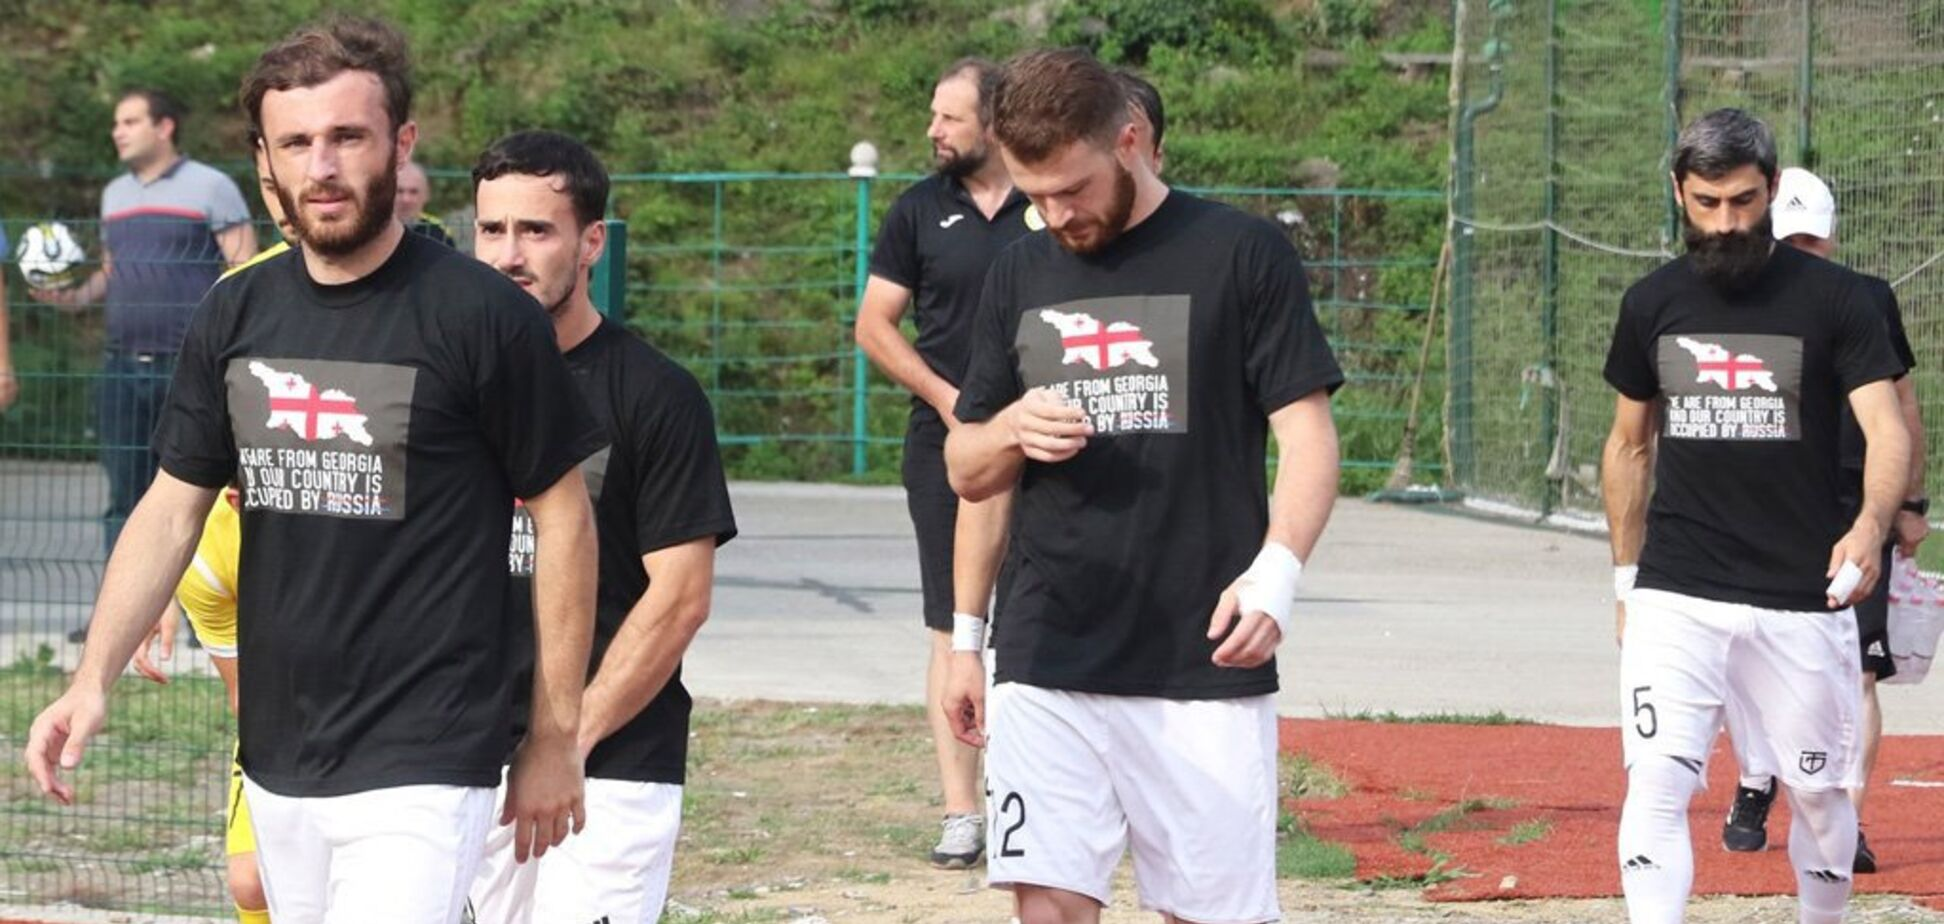 Нет оккупации! Футболисты устроили демарш против России в Грузии